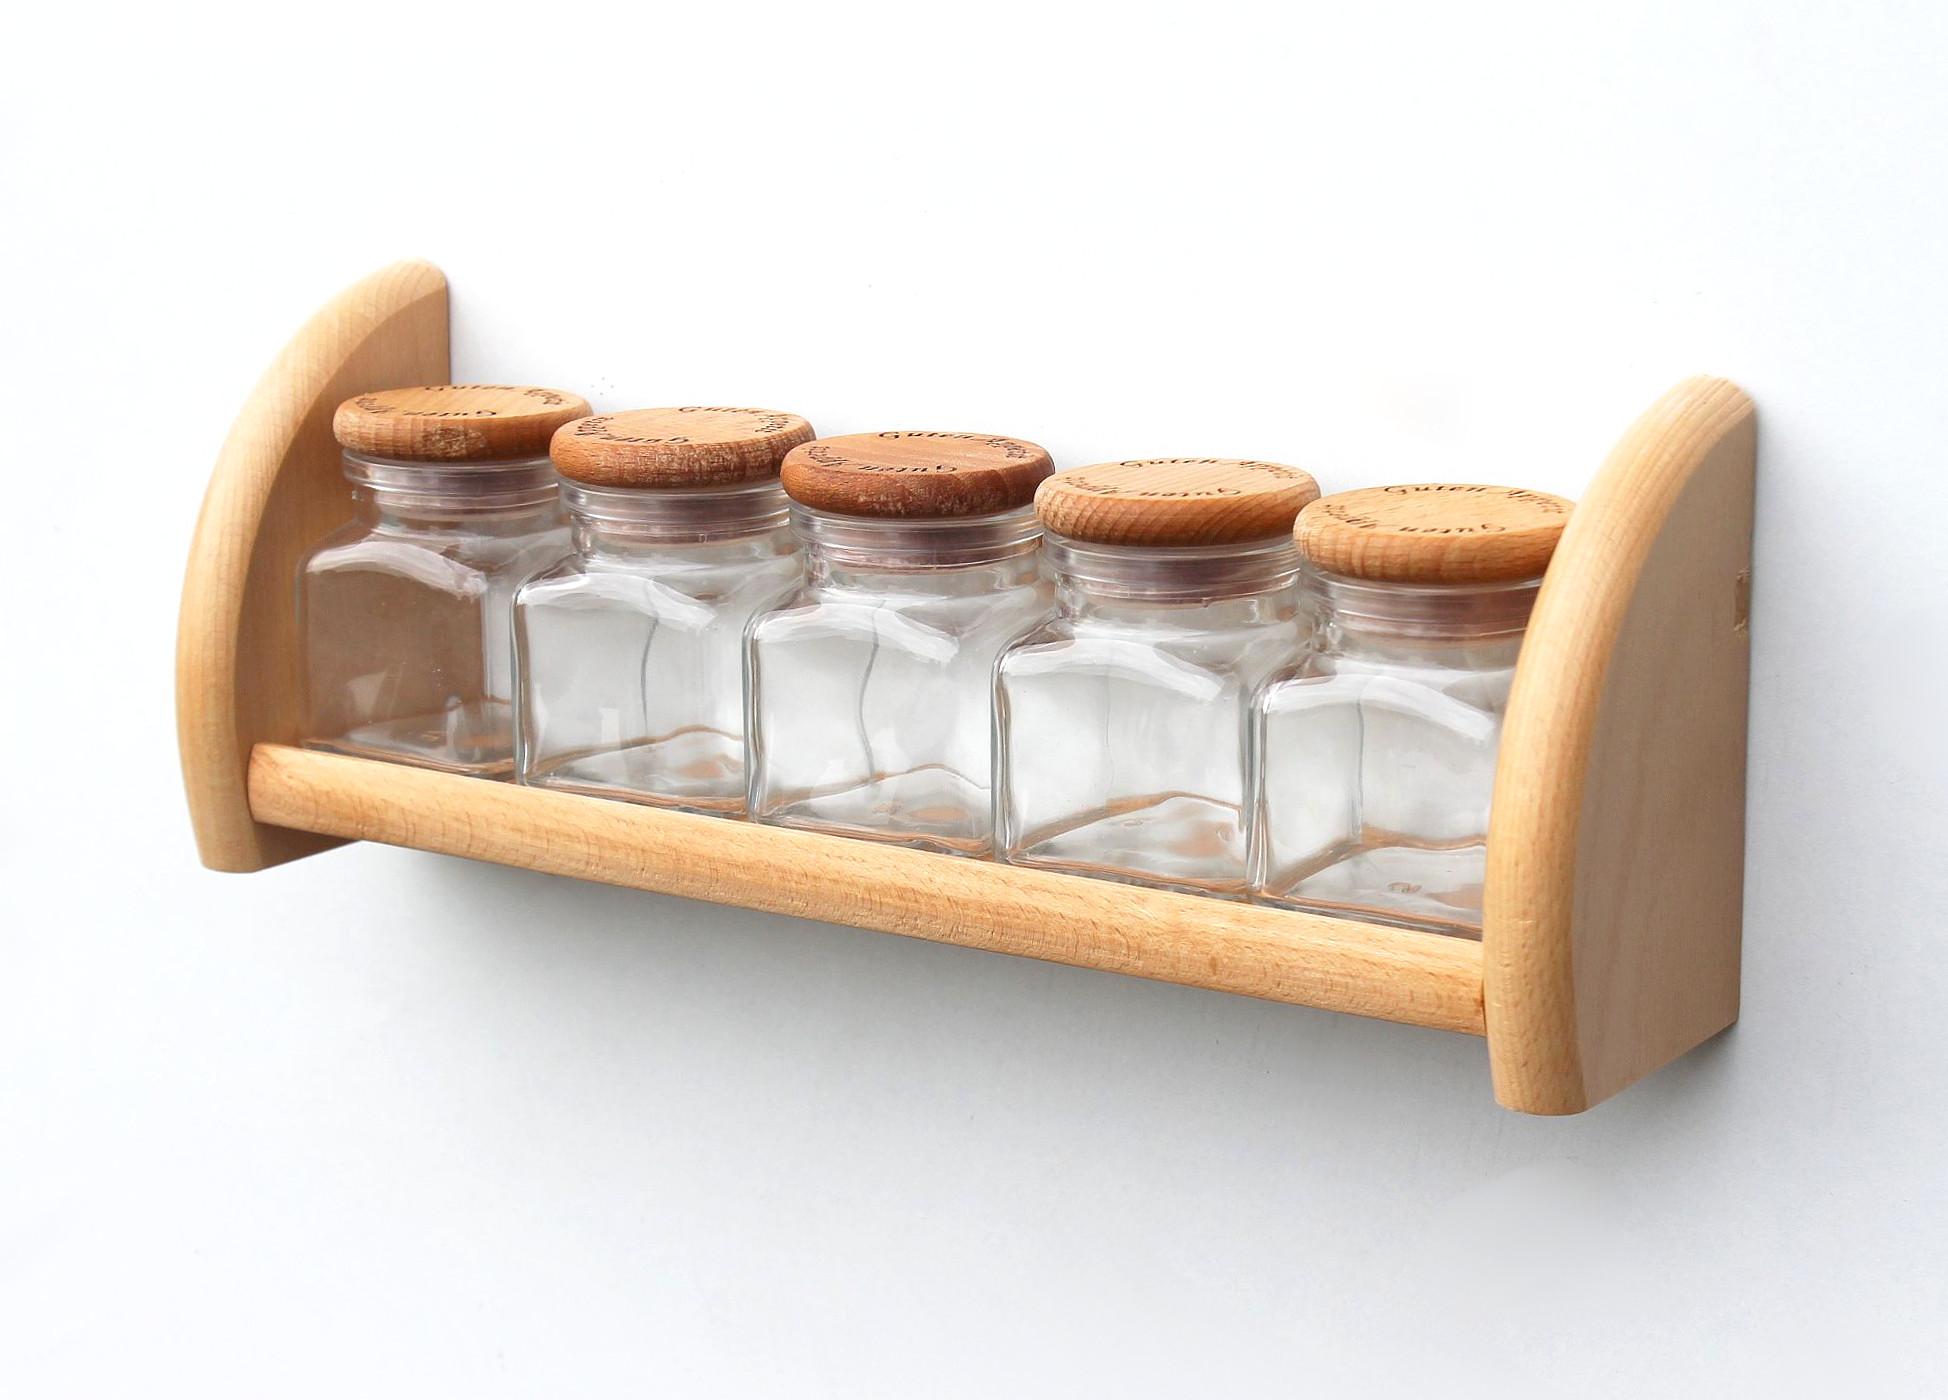 wand aus holz wand und decke aus holz m haus mittermayr gmbh holzbau wandverkleidungen holz. Black Bedroom Furniture Sets. Home Design Ideas